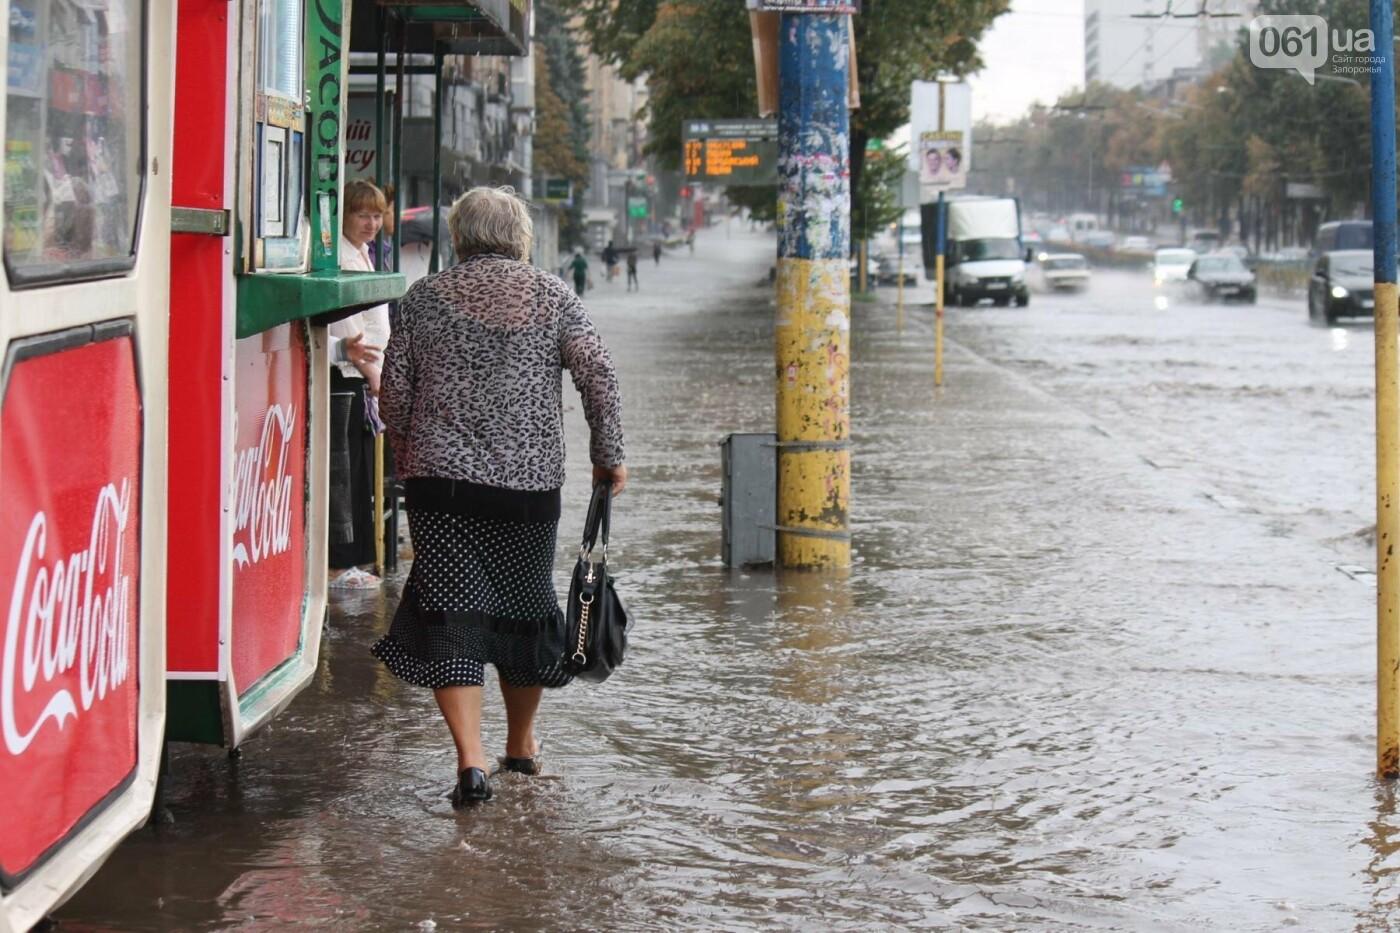 Запорожье накрыл мощный ливень: улицы затопило, люди насквозь промокли, – ФОТОРЕПОРТАЖ, фото-9